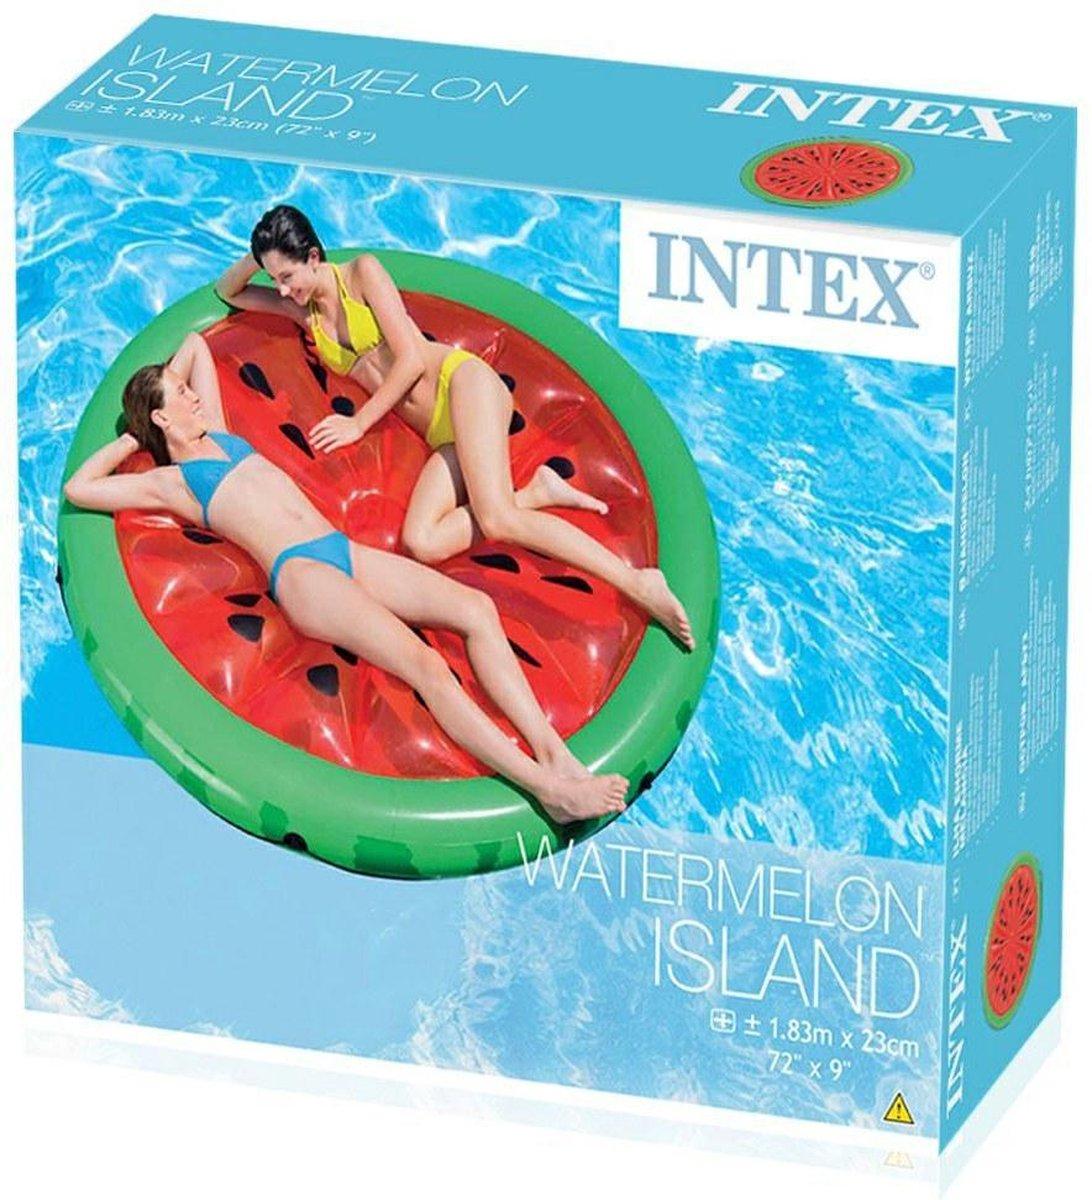 """Groot opblaasbaar luchtbed """"watermeloen"""" in rood/ groen 183 cm rond voor in het zwembad (Intex)"""